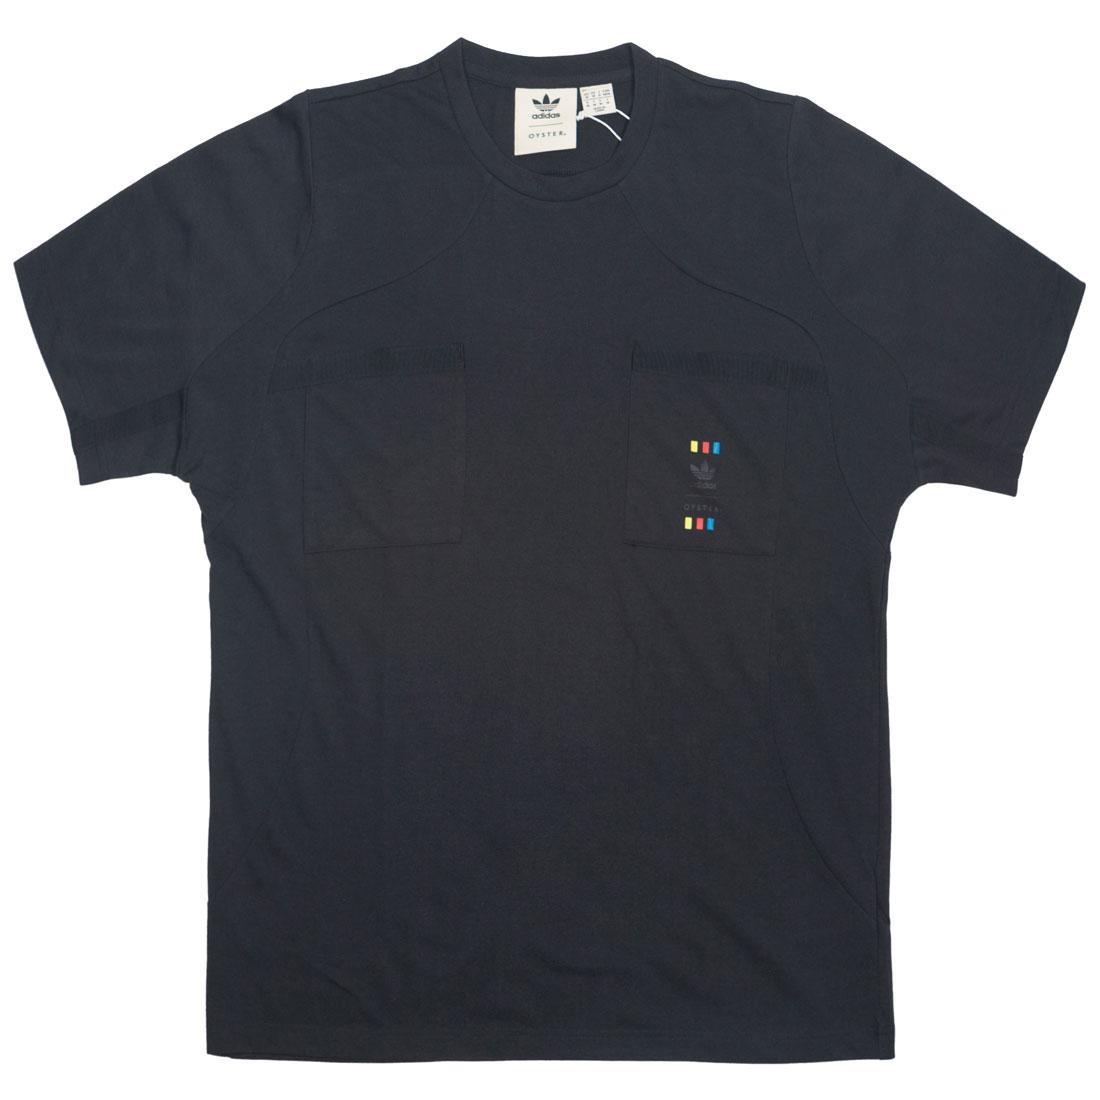 【スーパーセール中! 6/11深夜2時迄】アディダス ADIDAS スリーブ Tシャツ メンズファッション トップス カットソー メンズ 【 X Oyster Holdings Men 72 Hour Oyster Short Sleeve Tee (black) 】 Black